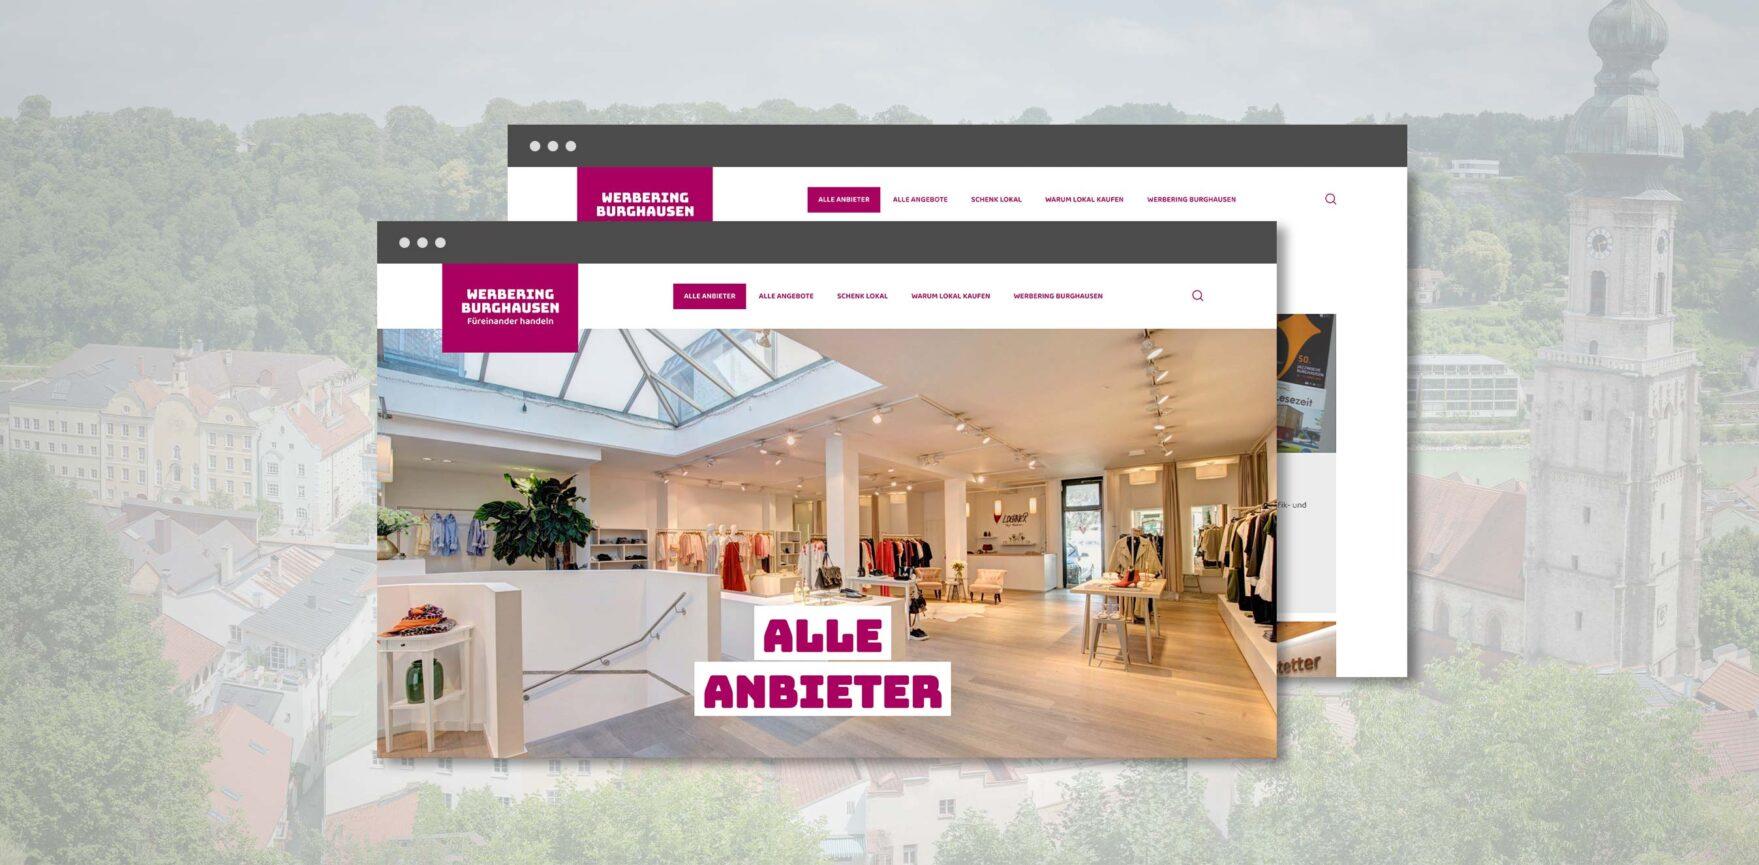 Burghausen kauft lokal Alle Anbieter